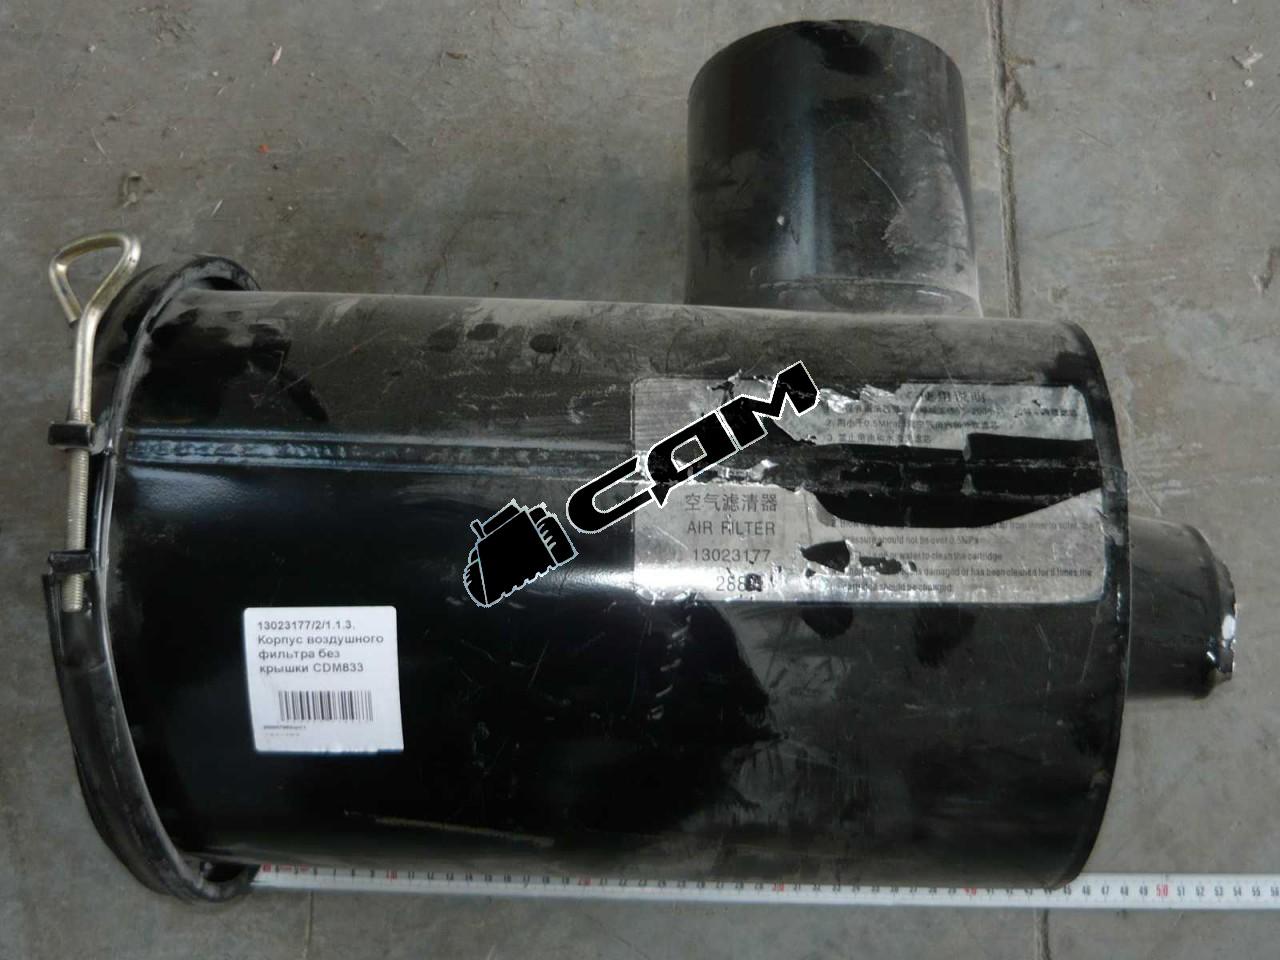 Корпус воздушного фильтра без крышки CDM833 13023177/2